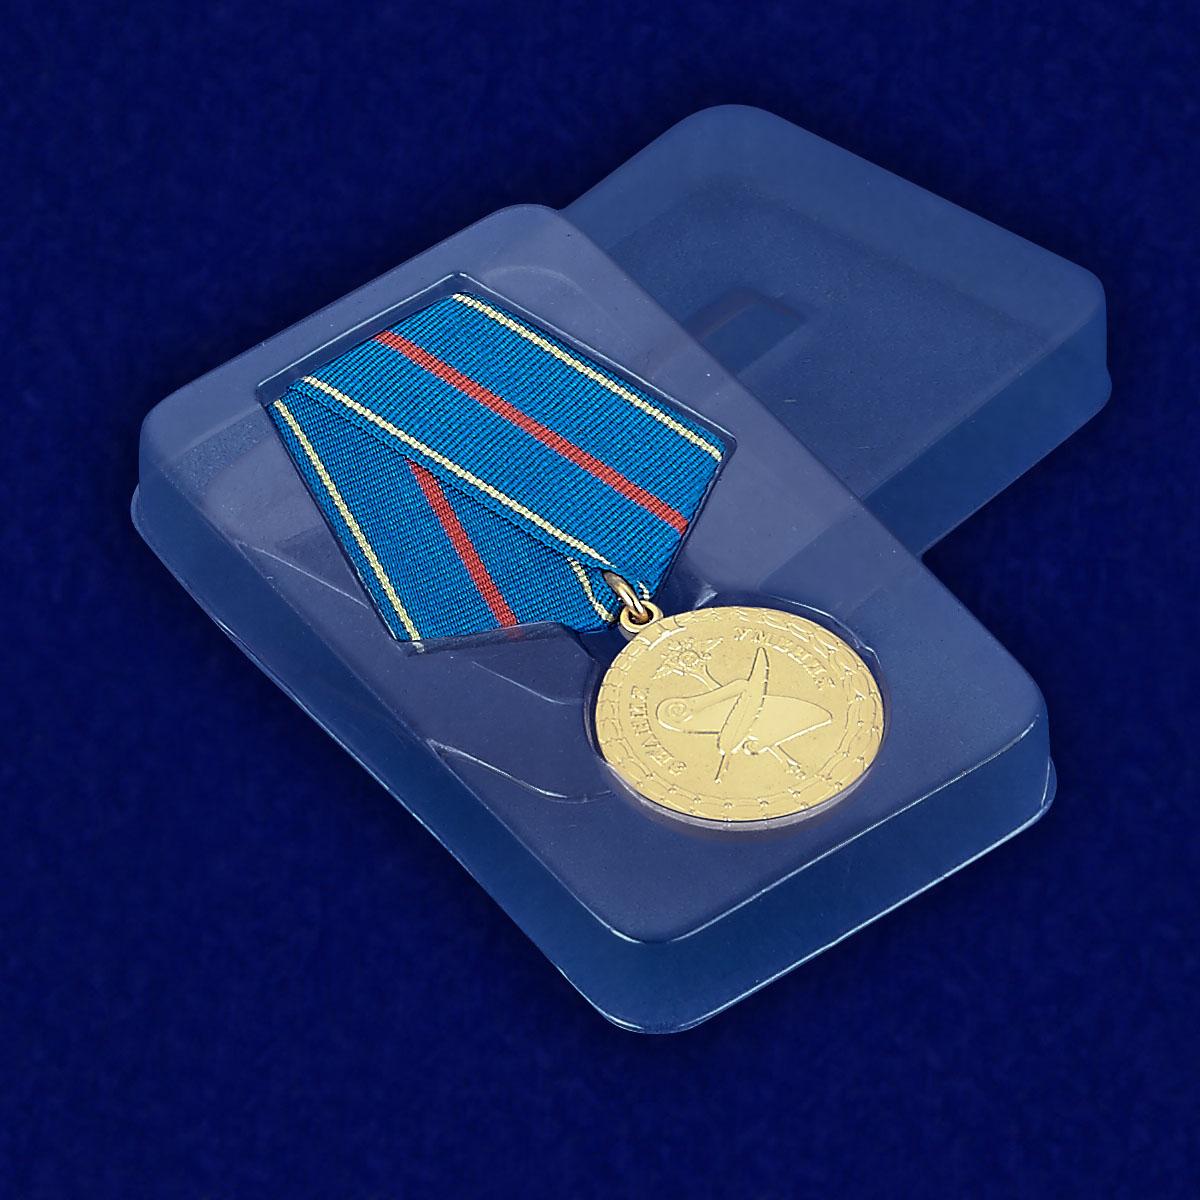 Медаль МВД РФ «За заслуги в управленческой деятельности» 1 степени - вид в футляре